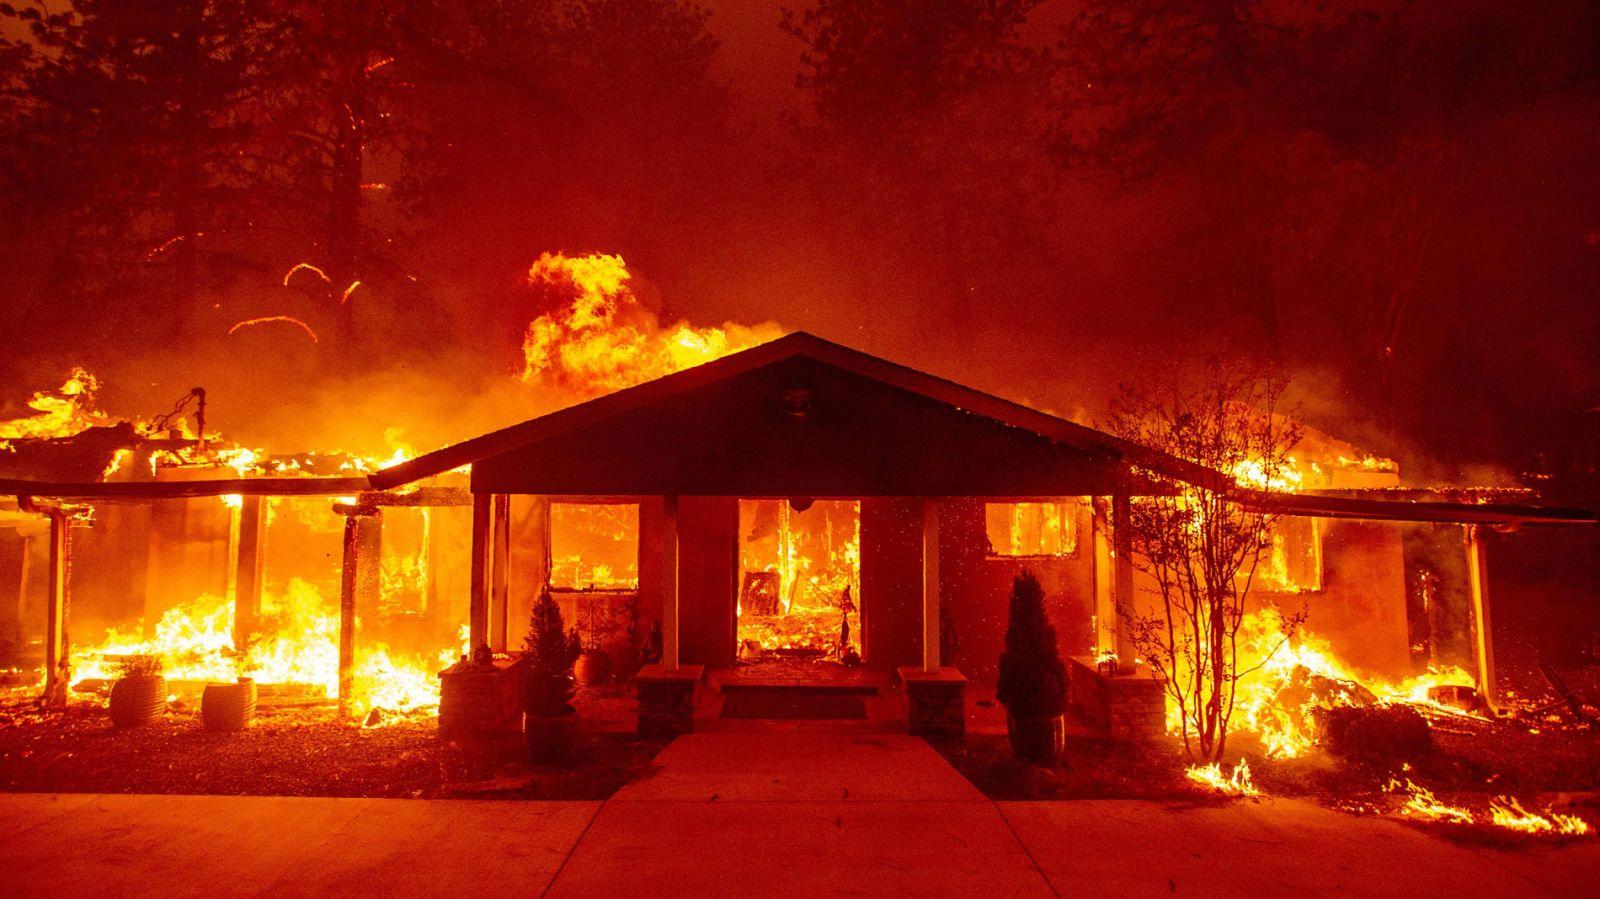 La residencia oficial del Presidente Maduro sale ardiendo en sospechosas circunstancias